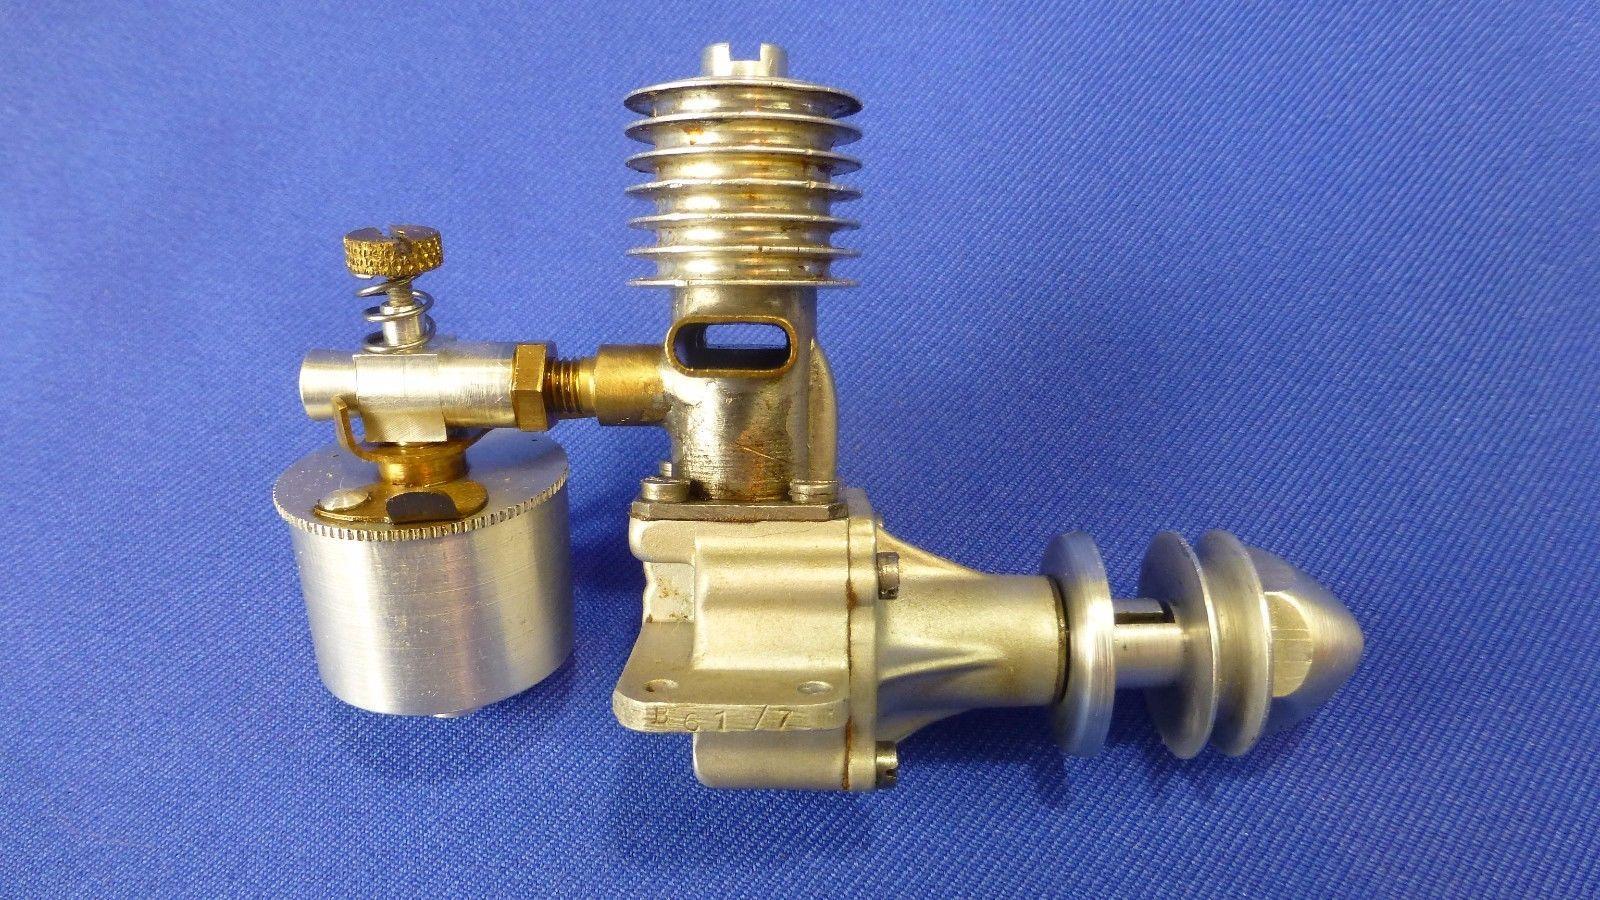 Model Airplane Engine Ed Diesel Mark Ii Penny Slot Uk 1947 S N B61 7 Orig Box Ebay Model Airplanes Rc Model Model